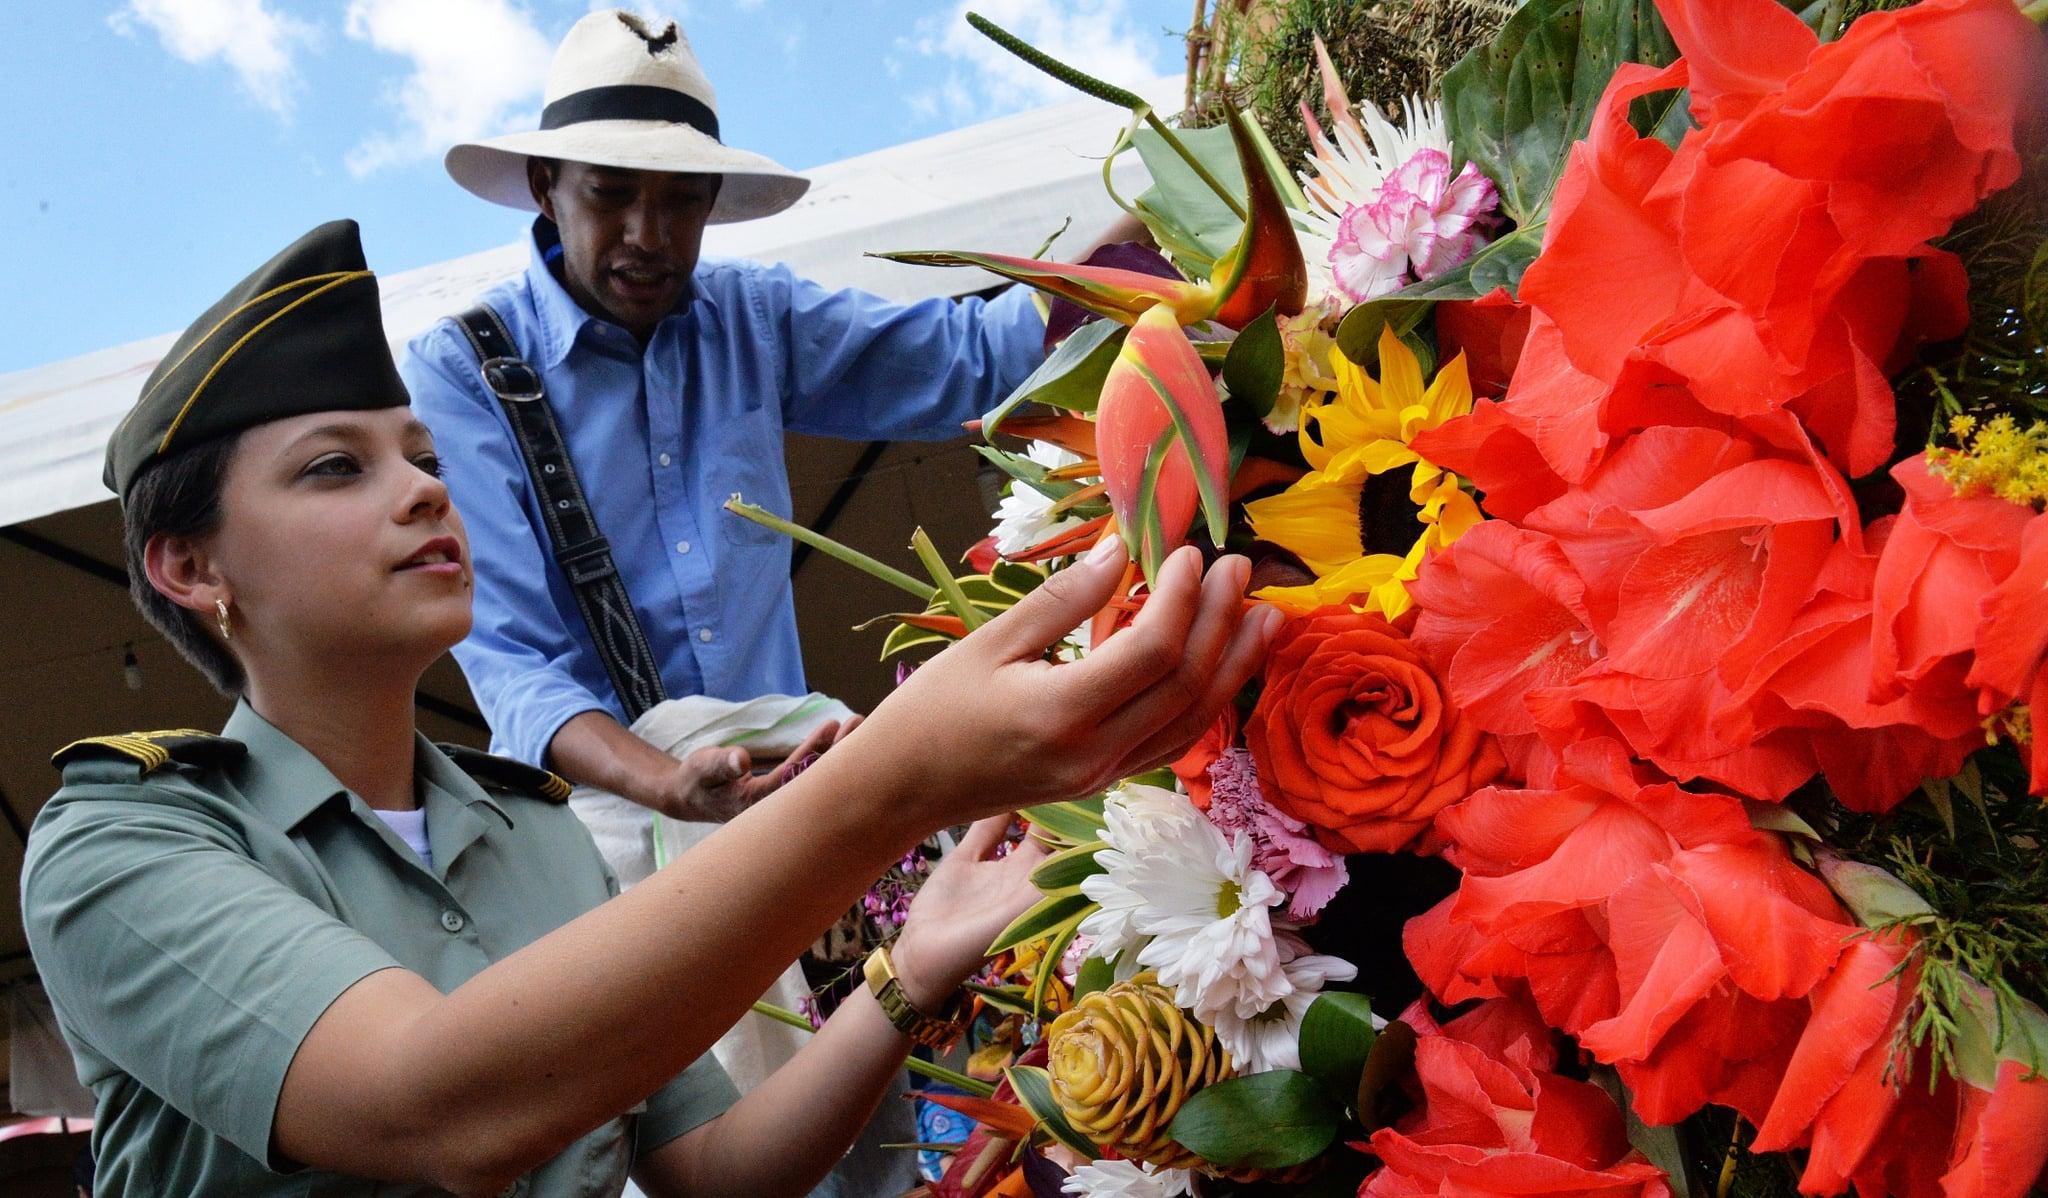 Feria de las Flores in Medellin, Colombia